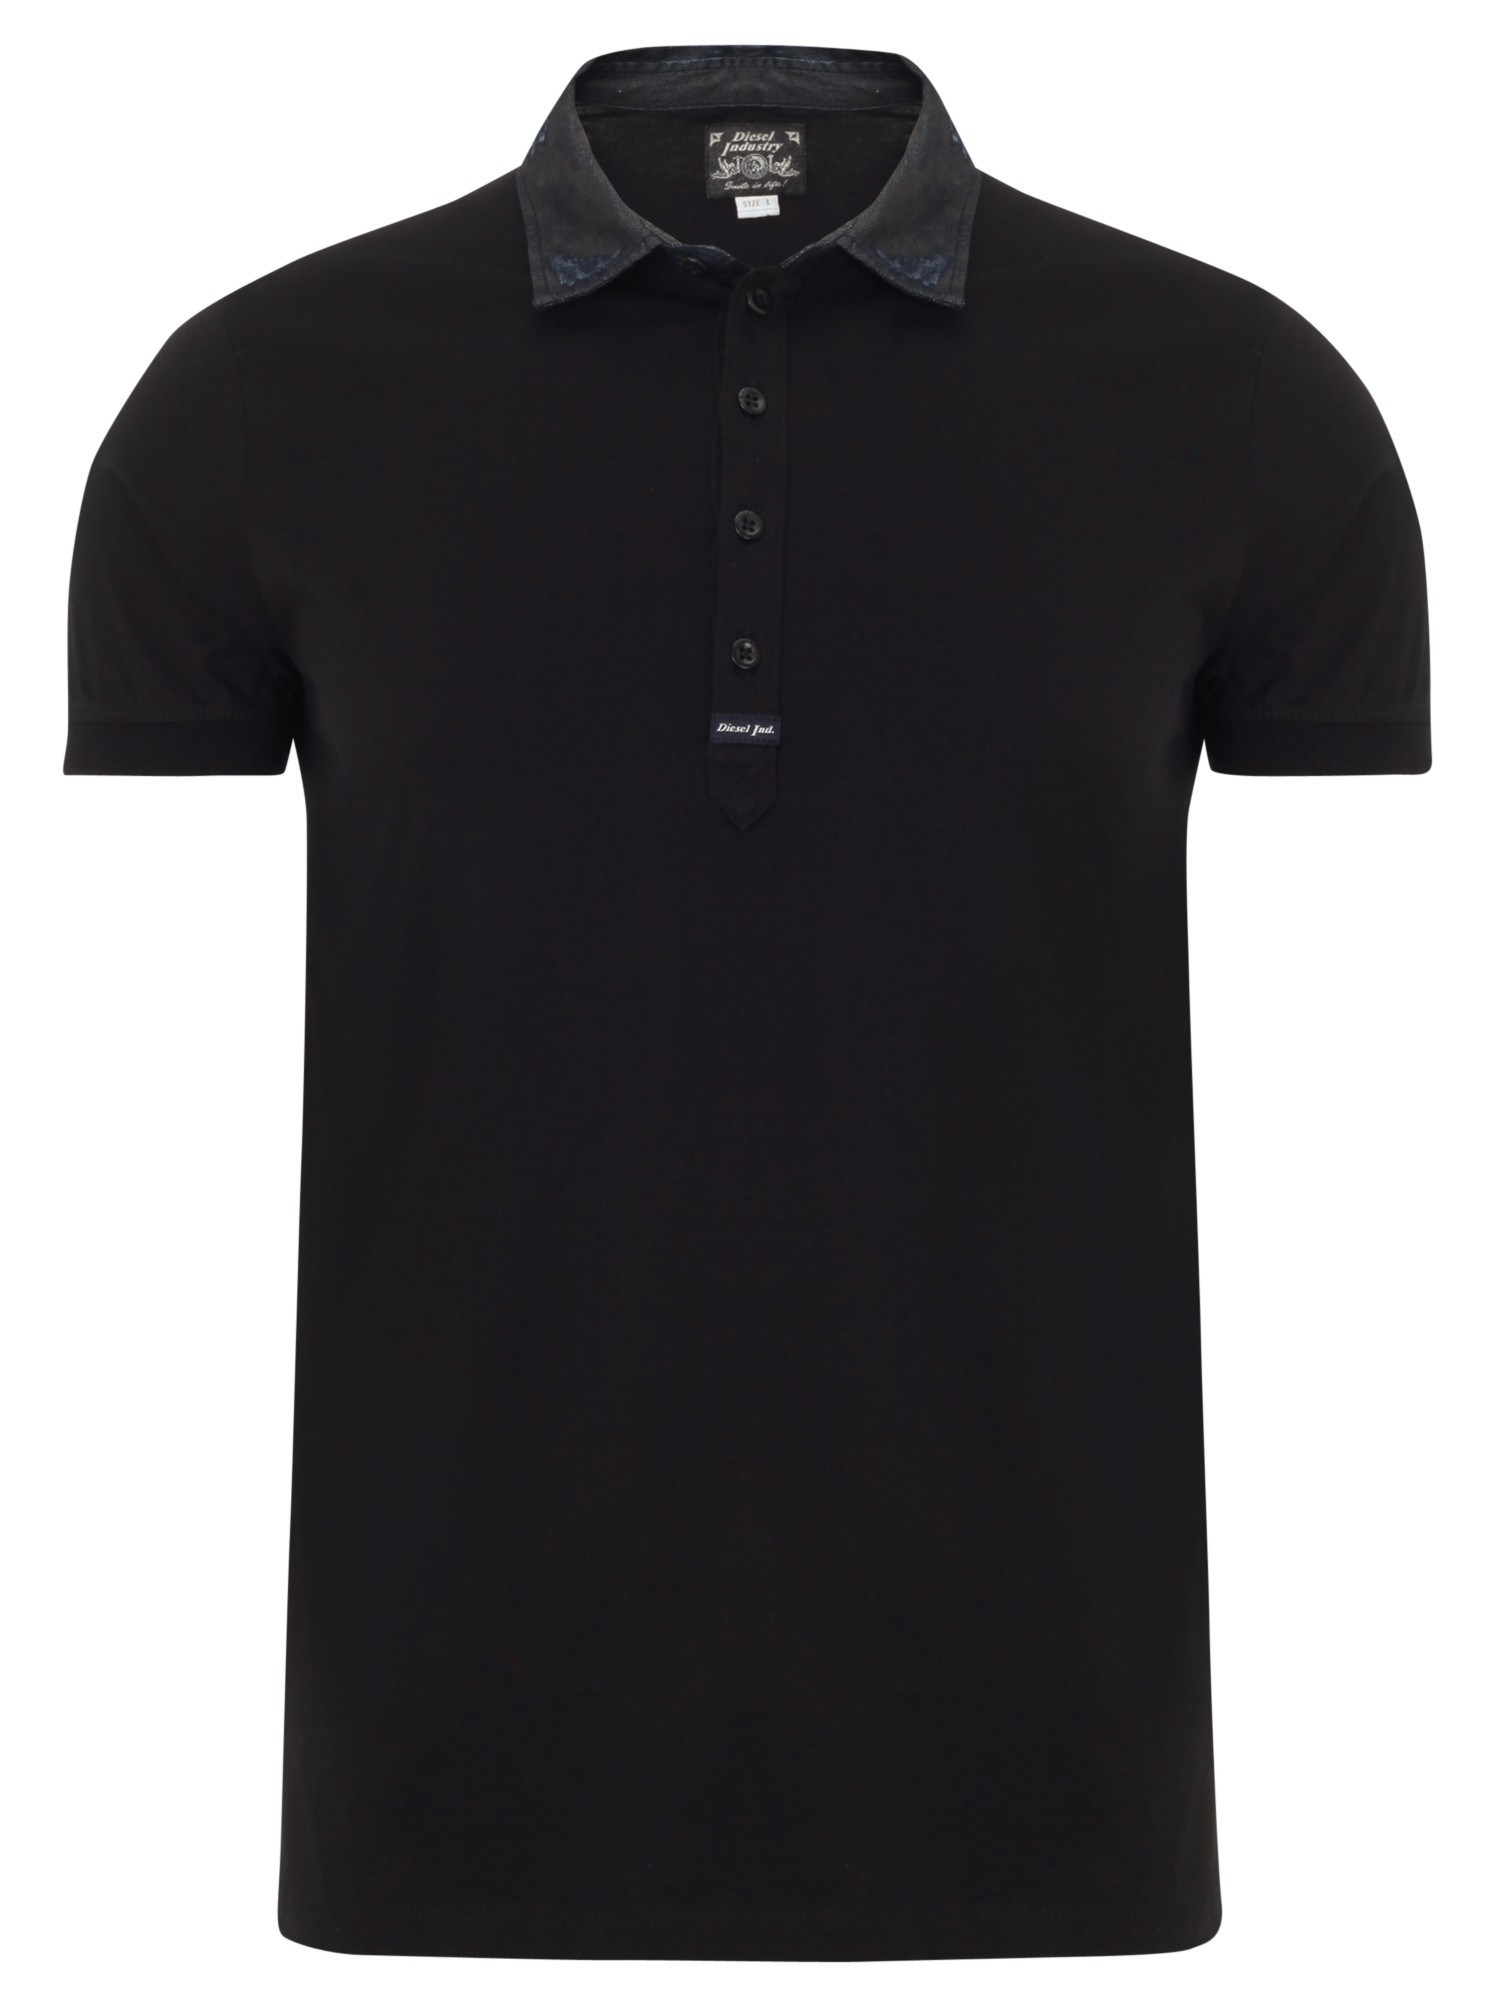 diesel tfreiral polo shirt in black for men lyst. Black Bedroom Furniture Sets. Home Design Ideas